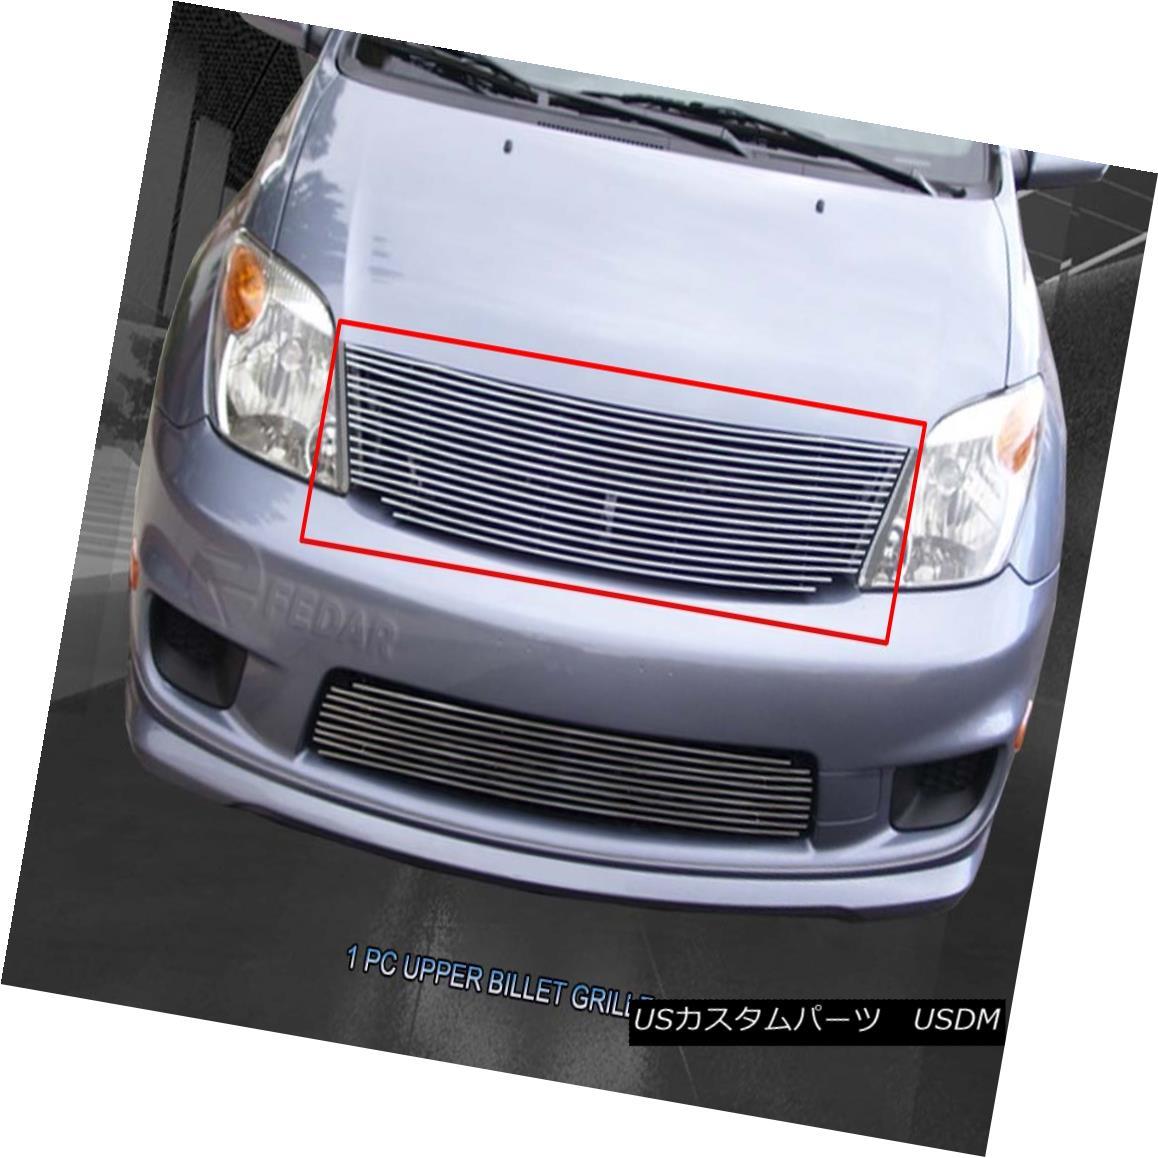 グリル For 2003-2007 Scion XA Replacement Billet Grill Upper Grill Insert Fedar 2003-2007シオンXAの交換のためのビレットグリルアッパーグリルインサートFedar